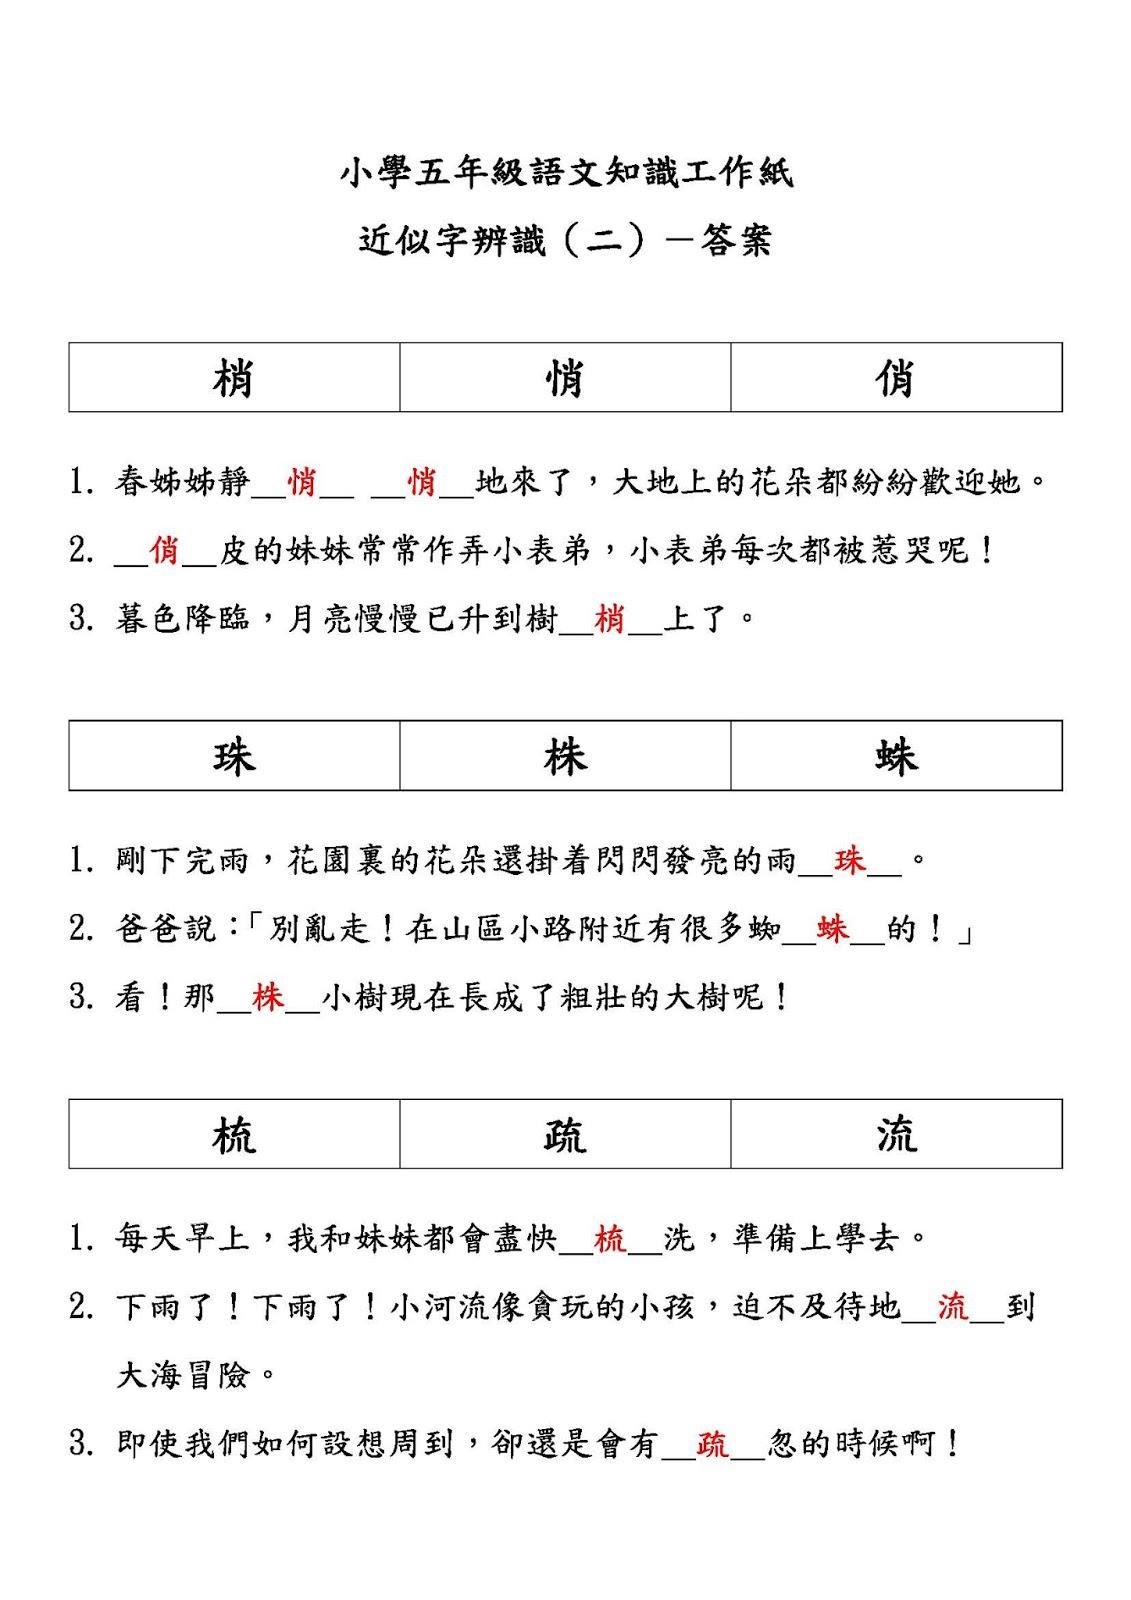 小五語文知識工作紙:近似字辨識(二)|中文工作紙|尤莉姐姐的反轉學堂